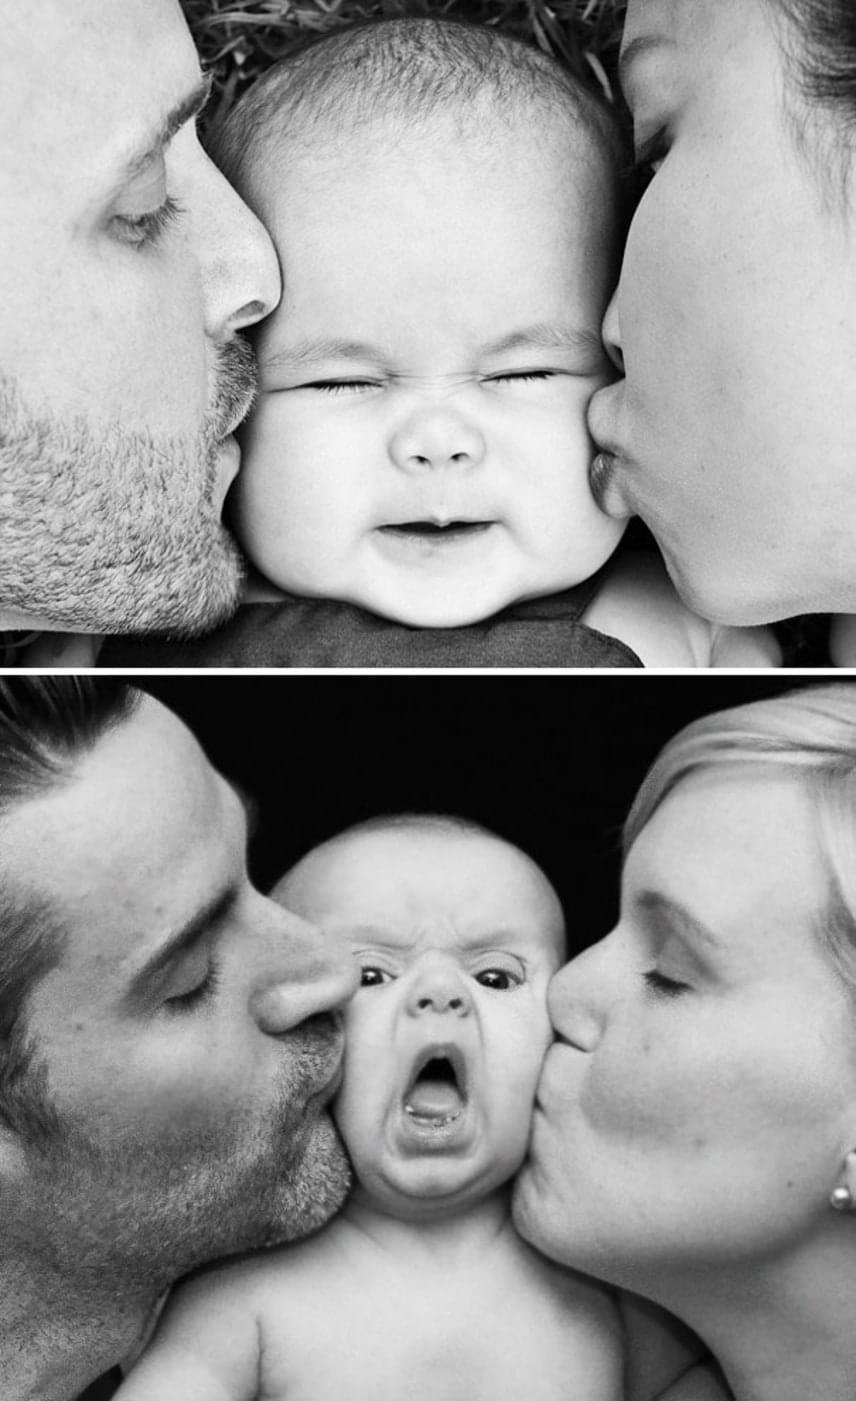 Ez a baba nagyon meglepődhetett, hogy egyszeriben anya és apa puszija közé szorult.